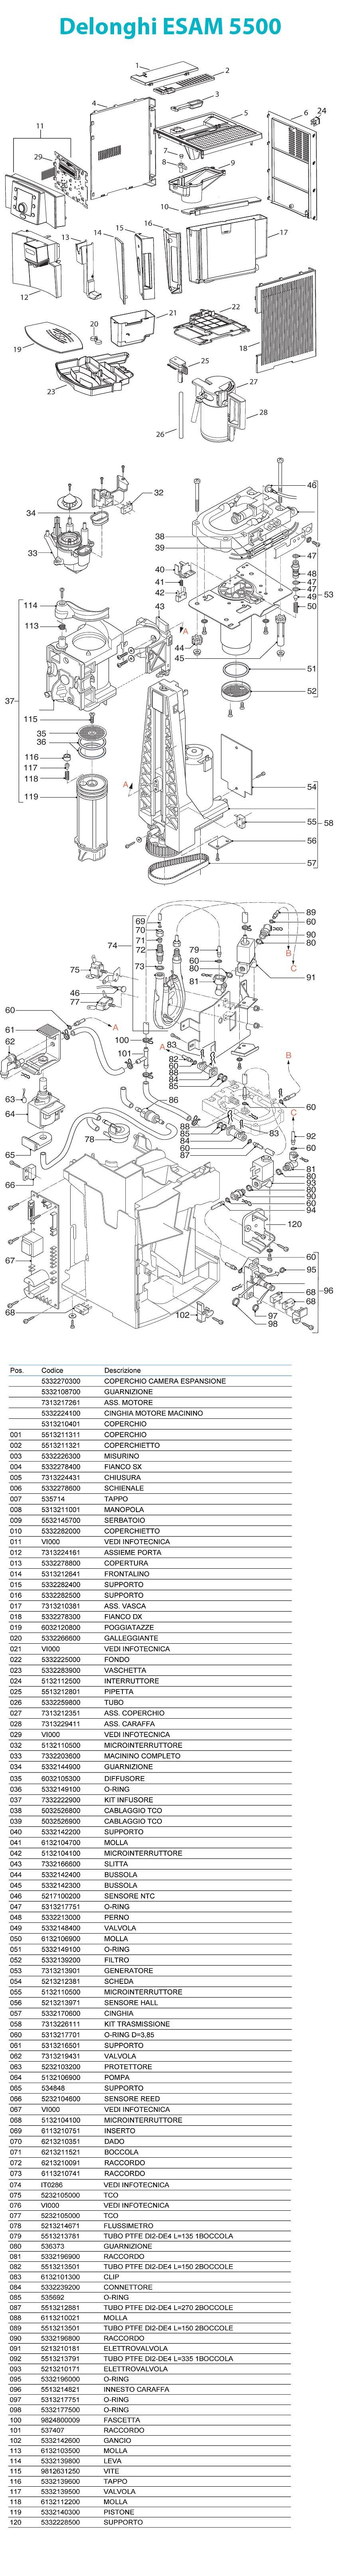 Delonghi Magnifica Parts Diagram Delonghi Esam 5500 Spare Parts Of Delonghi Magnifica Parts Diagram